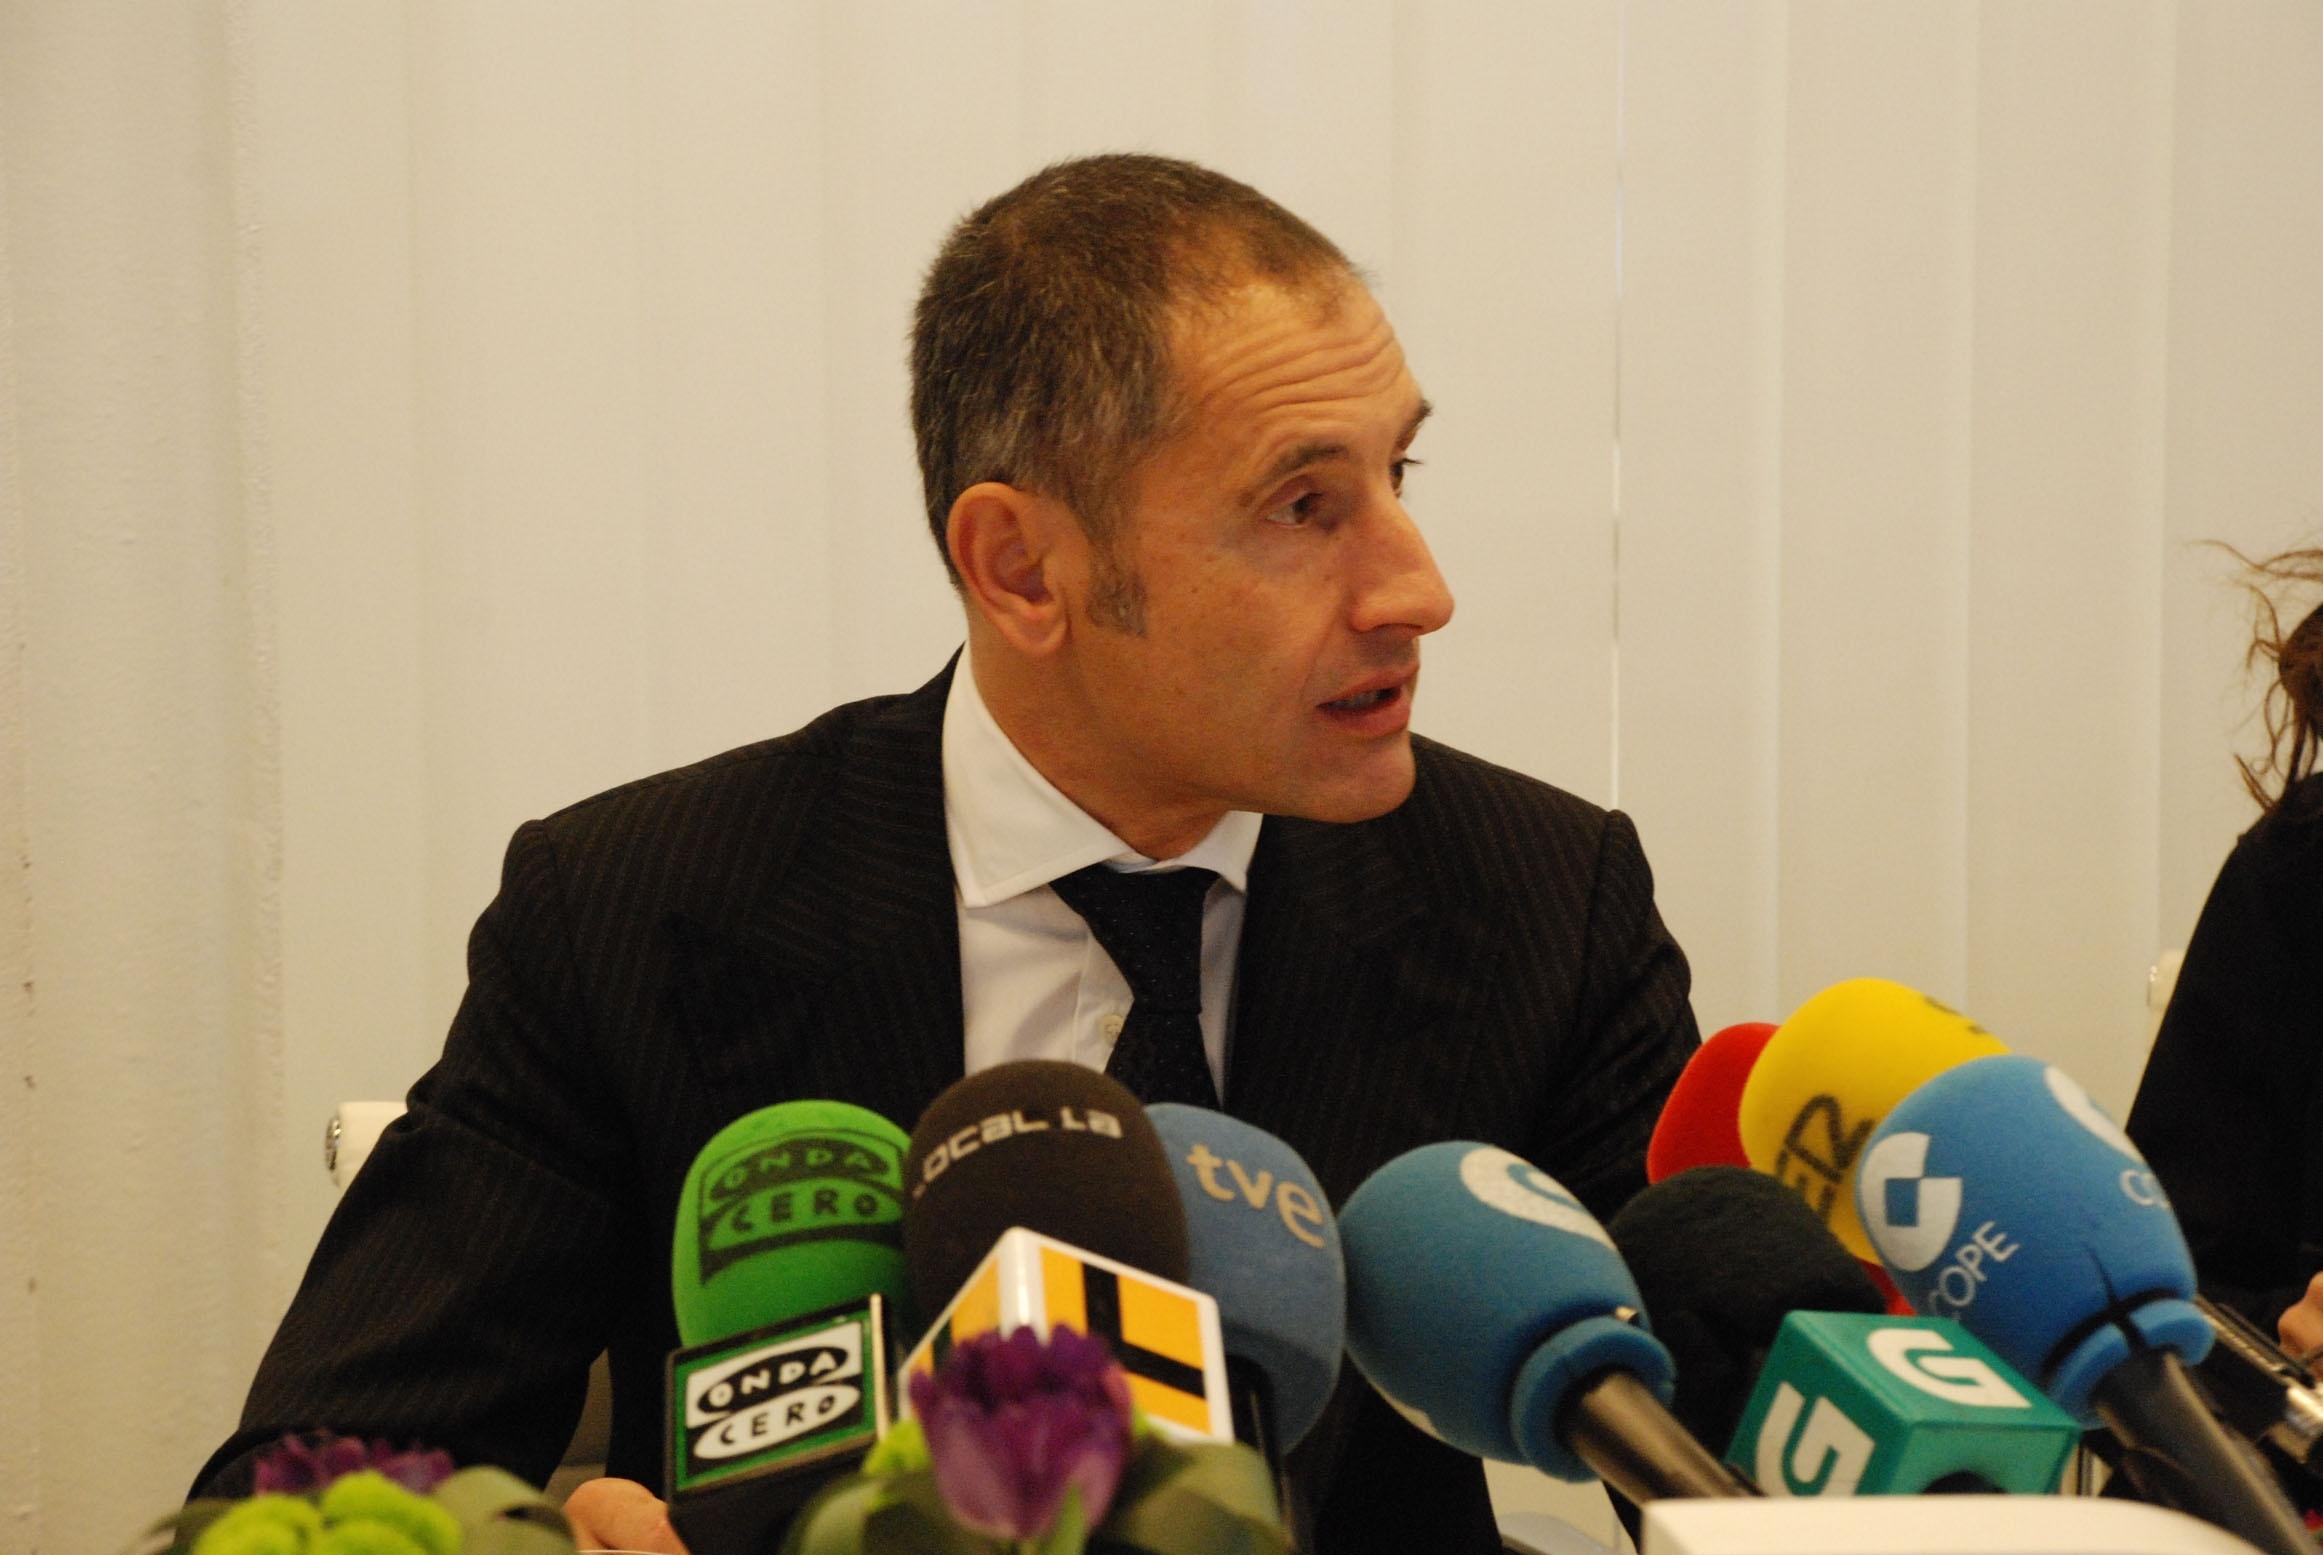 El primer ejecutivo de R dice que aún no hay acuerdo para la venta del 30% que conserva NCG al fondo CVC